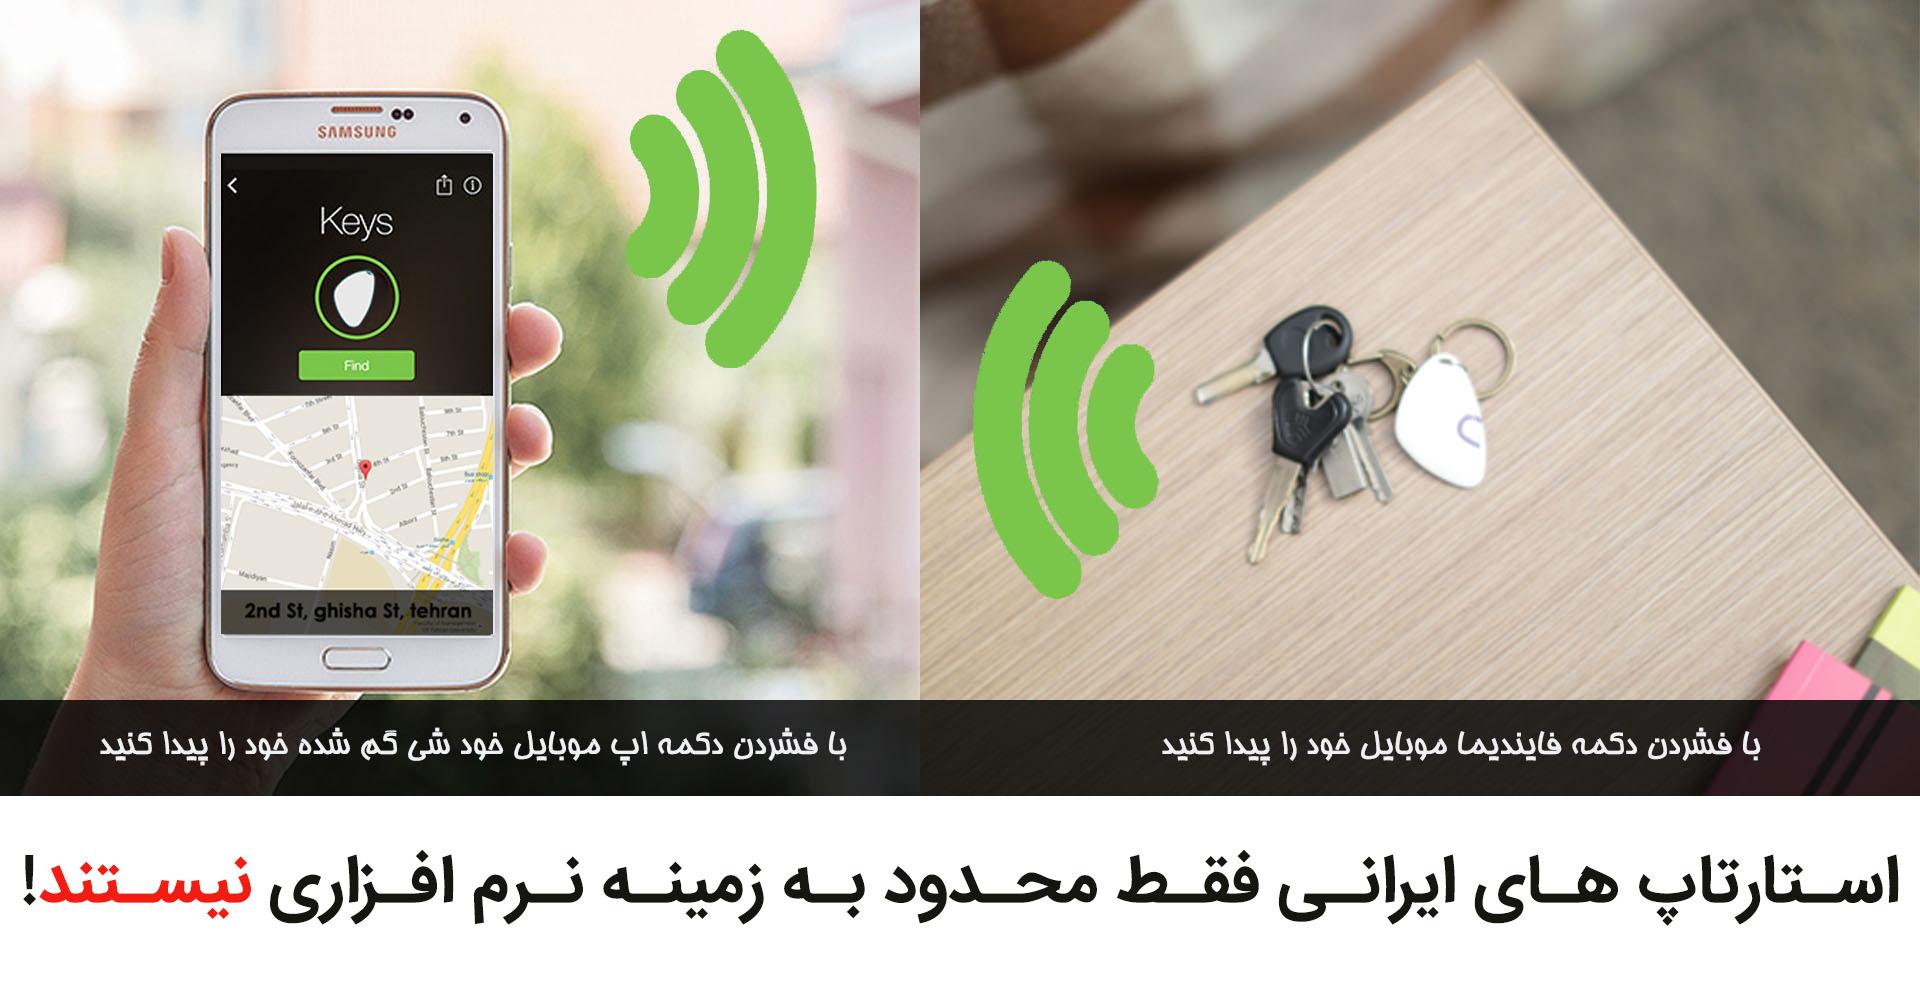 استارتاپ های ایرانی فقط محدود به زمینه نرم افزاری نیستند!